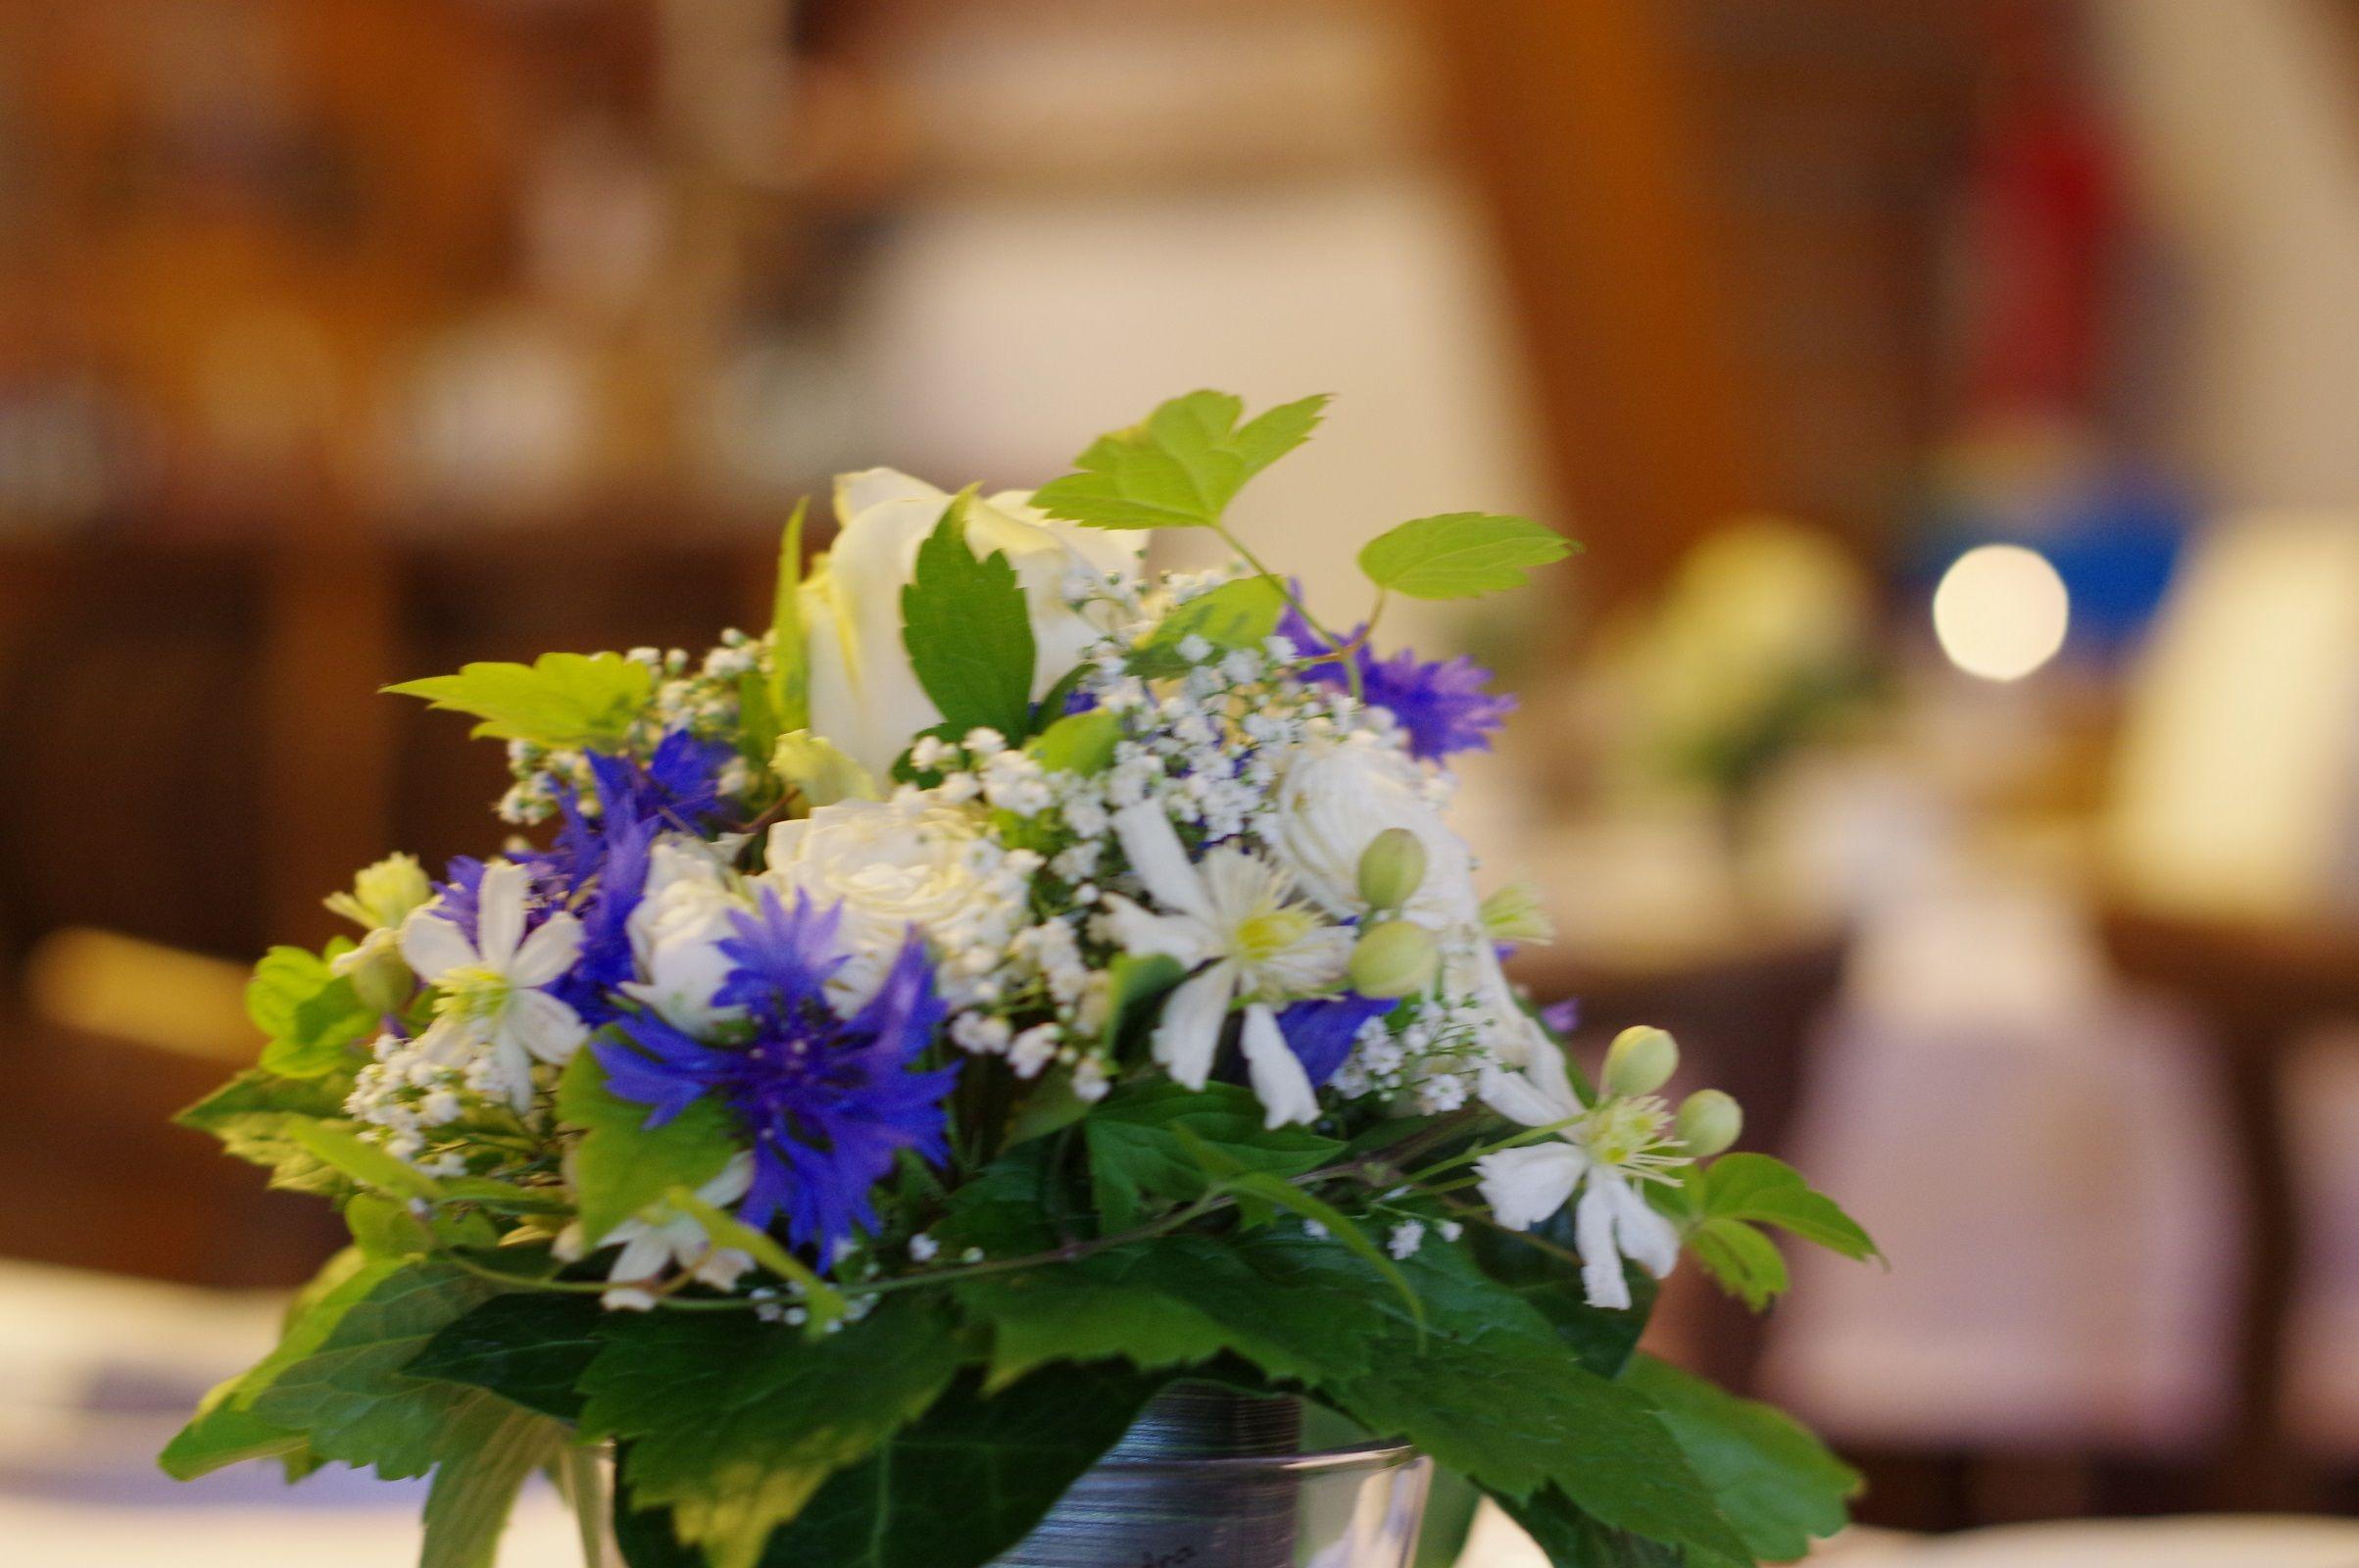 blumendeko tischdeko blau wei rosen und kornblumen blumendeko. Black Bedroom Furniture Sets. Home Design Ideas